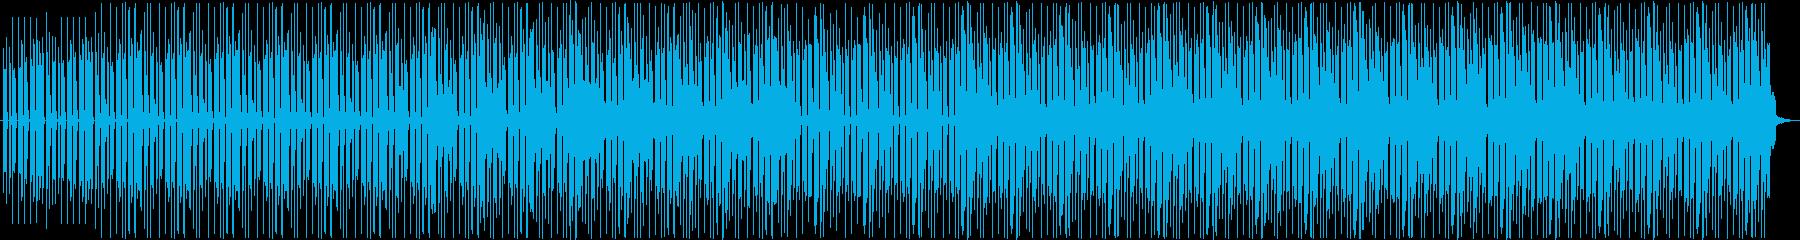 パーカッション&ギター・スポーティの再生済みの波形